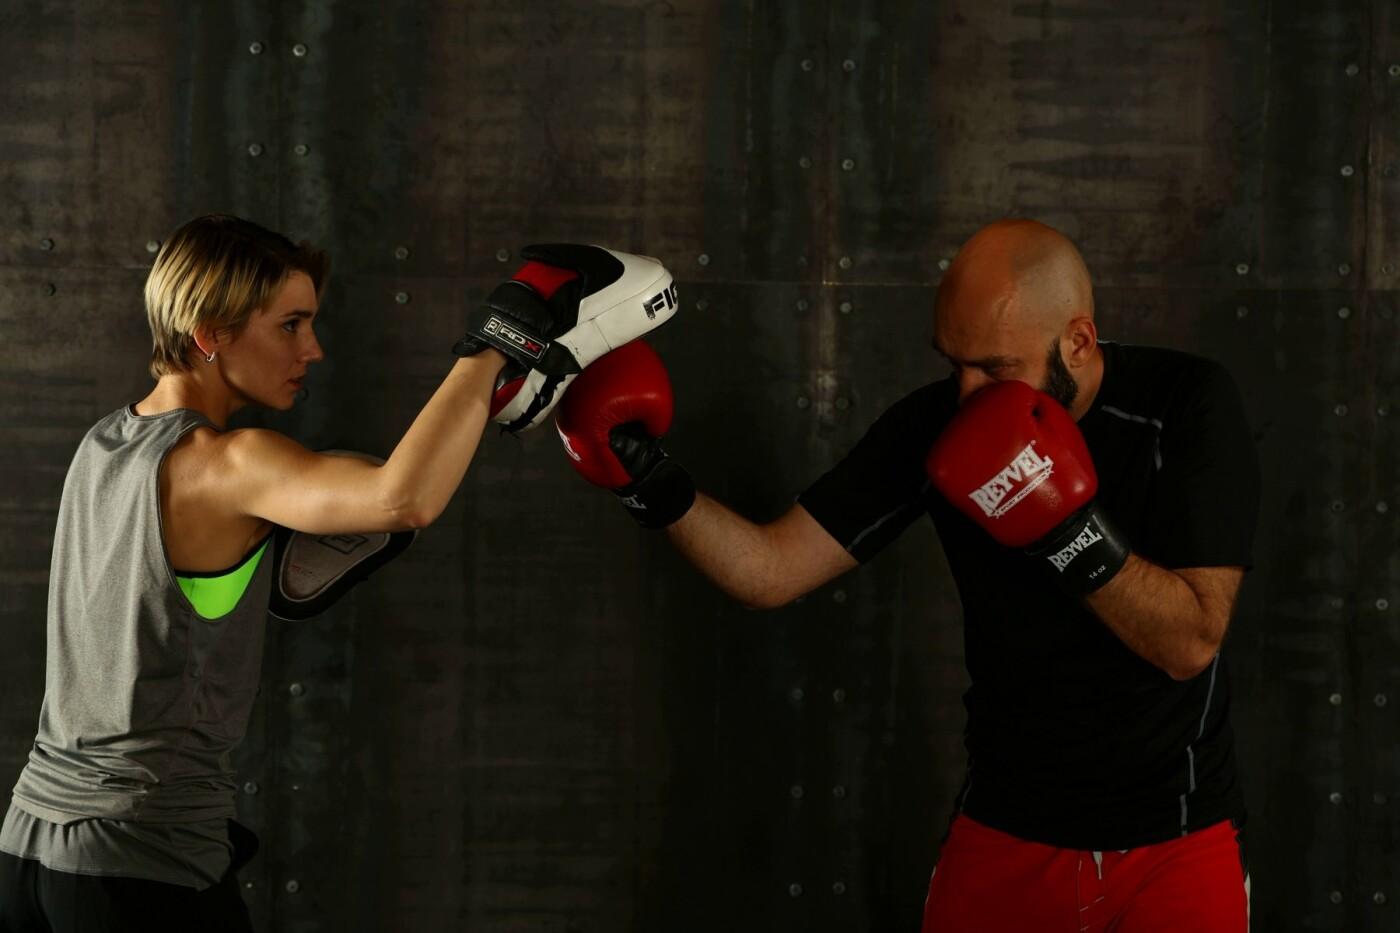 ТОП-5 боксерских секций Киева с адресами и отзывами, - ФОТО, фото-8, Фото: Fighters_бокс и кикбоксинг